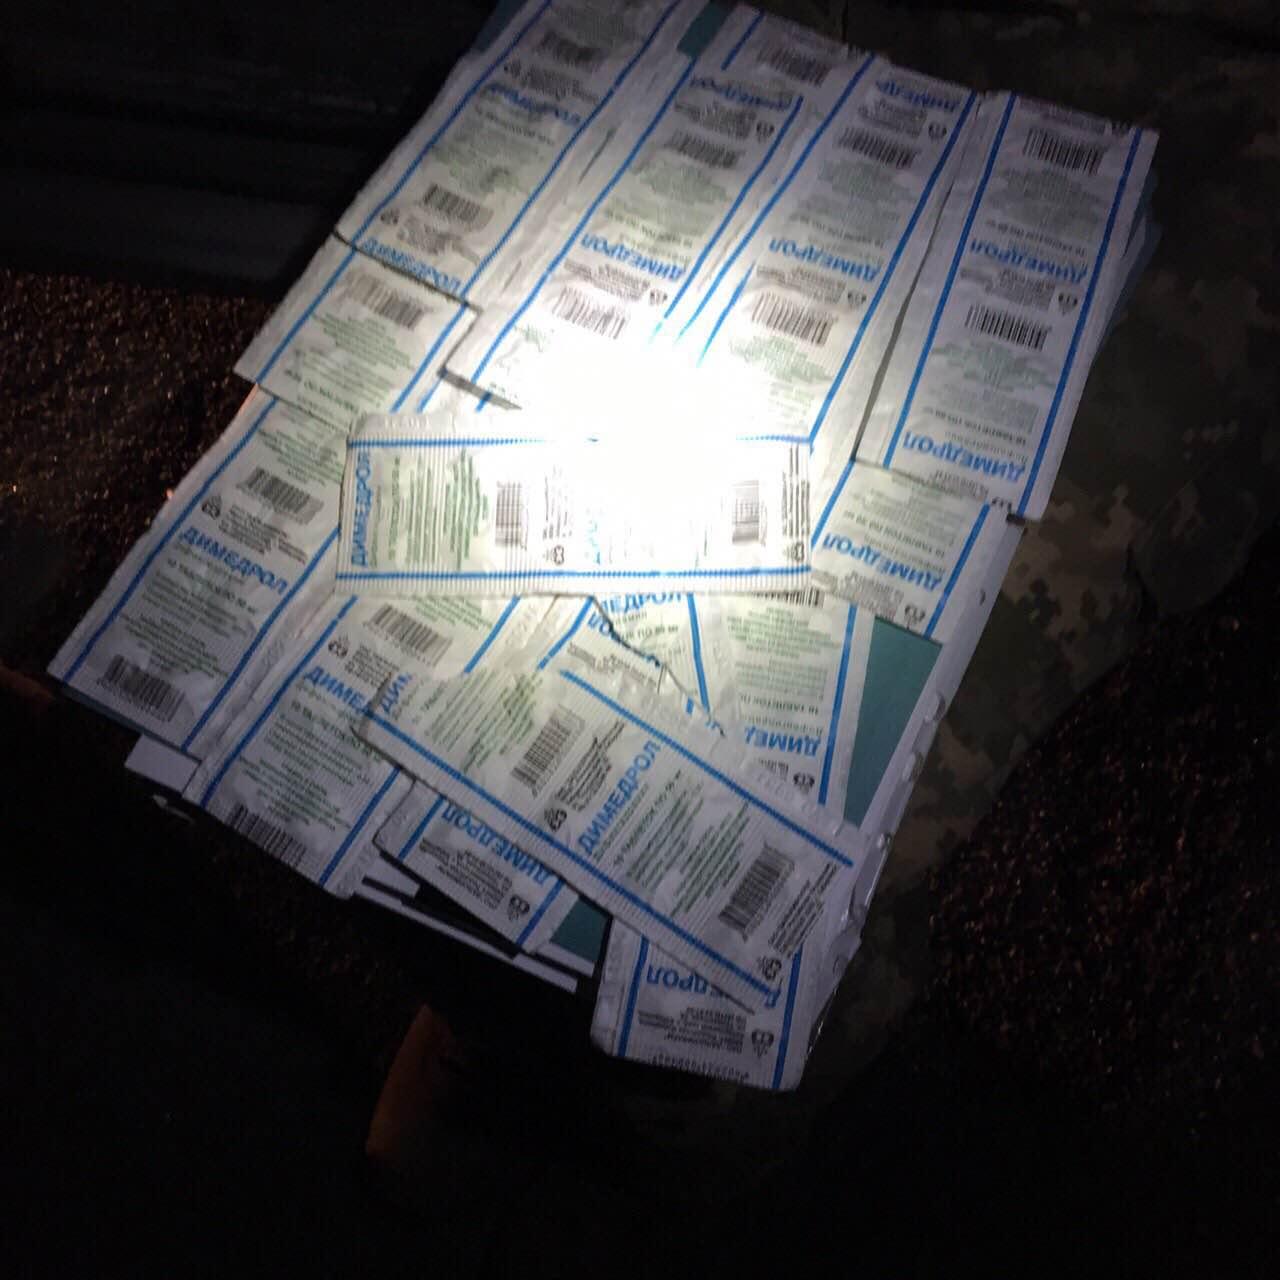 В Киеве разоблачили сбывавшего наркотики патрульного: фото